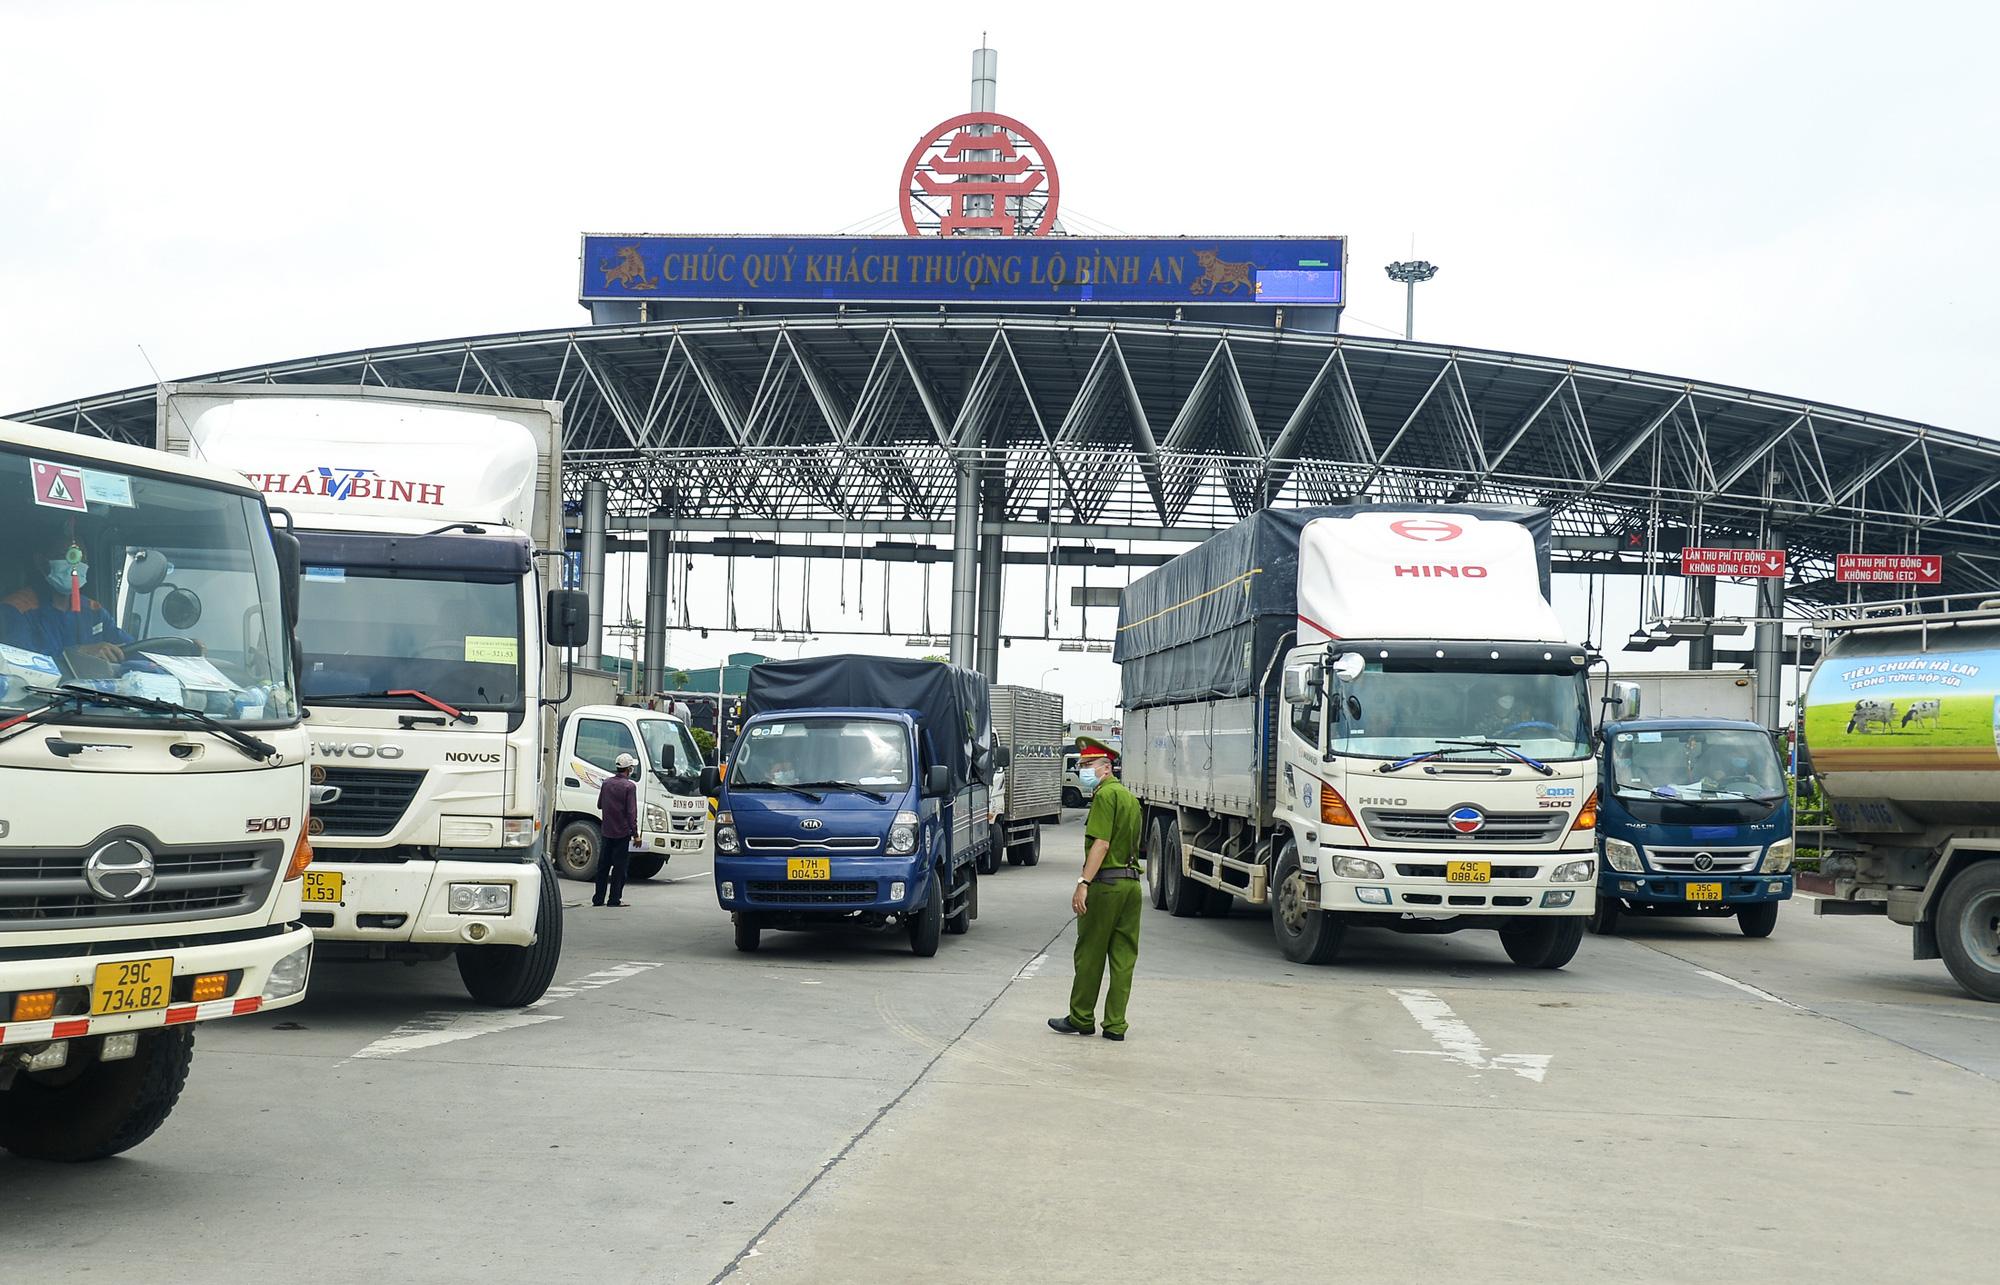 Hà Nội giãn cách xã hội, cao tốc Pháp Vân - Cầu Giẽ 80% xe phải quay đầu, nhiều tài xế bất ngờ, to tiếng với CSGT - Ảnh 1.